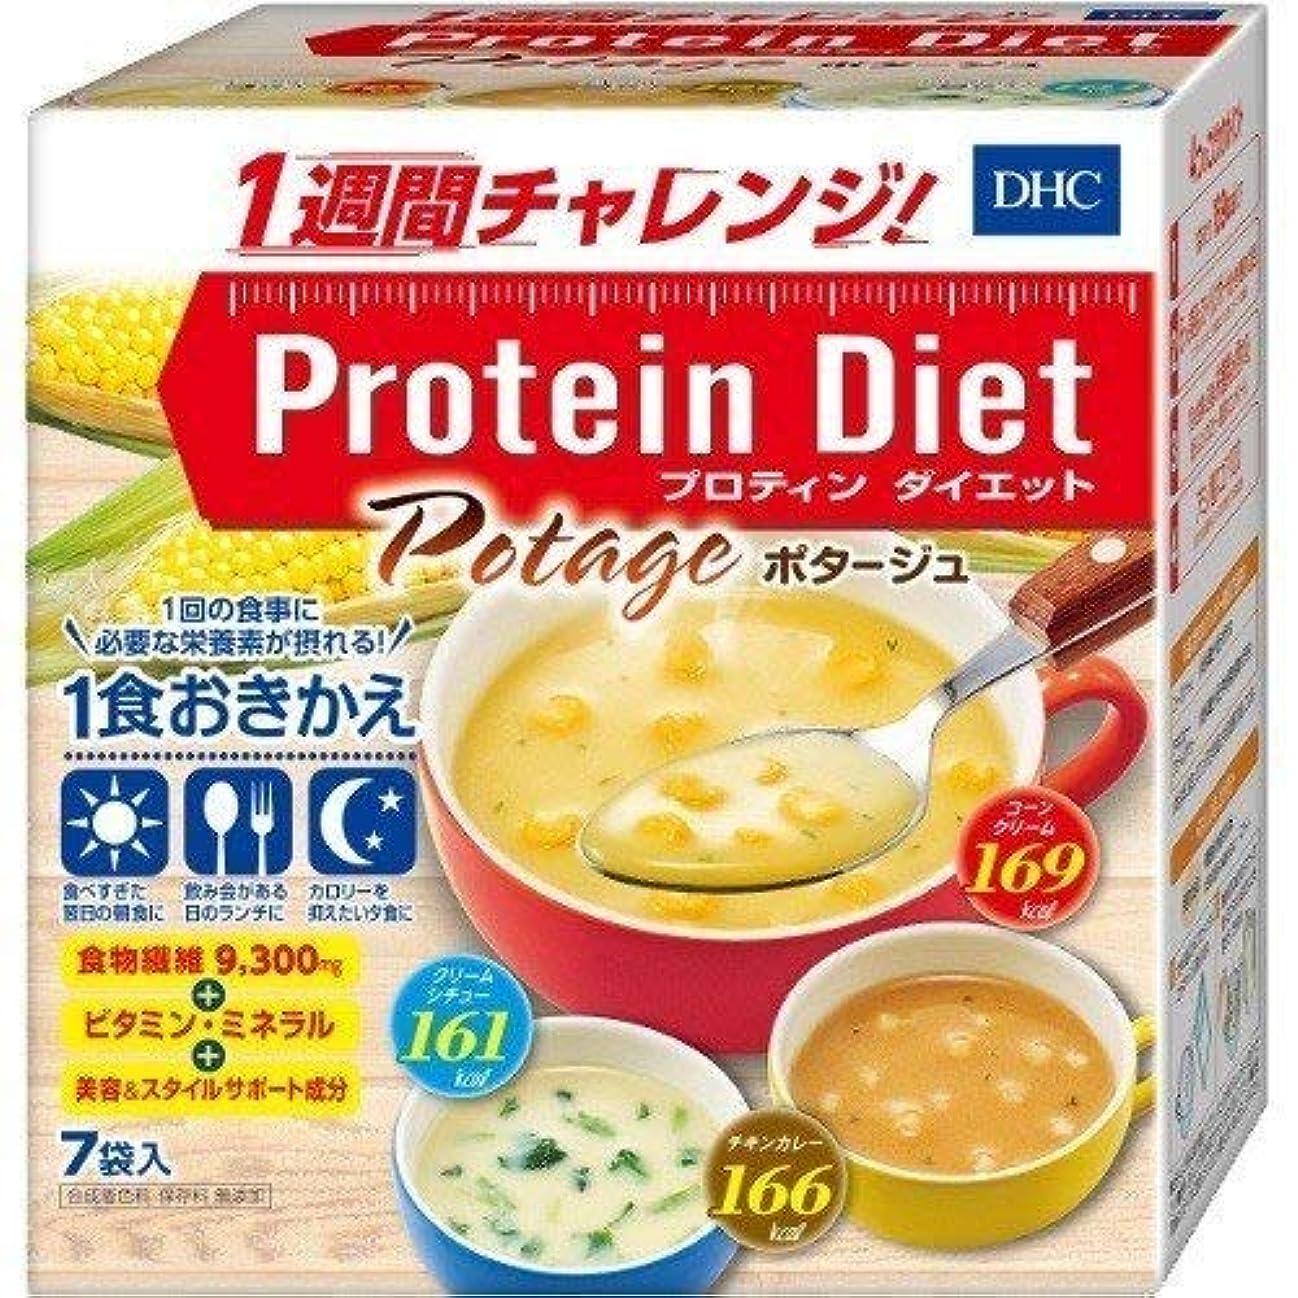 仕事過ちレビュアーDHC 健康食品相談室 DHC プロティンダイエット ポタージュ 7袋入 4511413406366